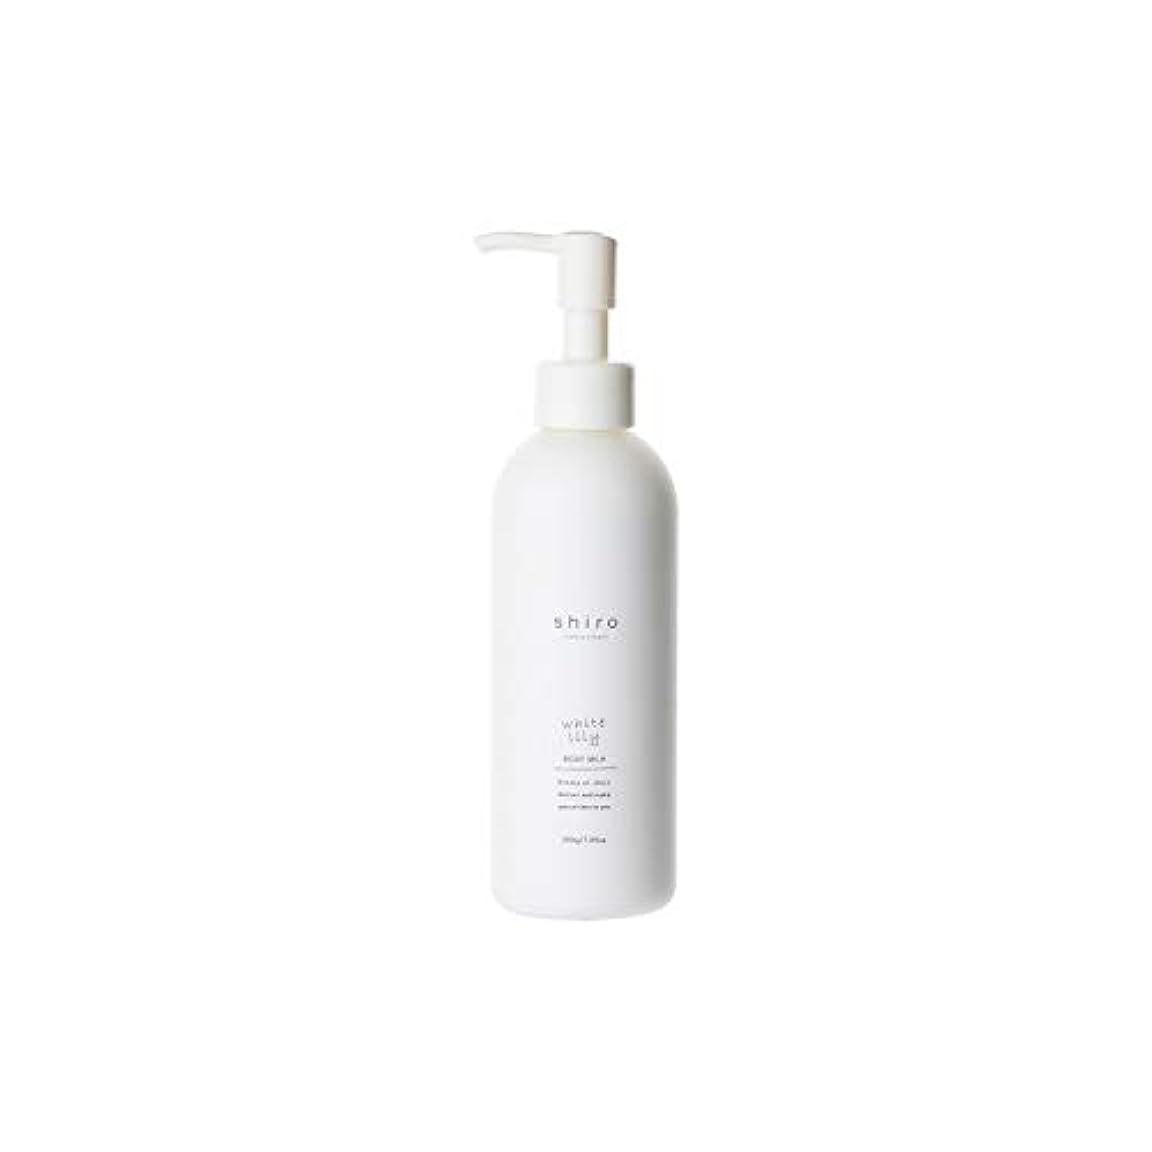 ホーン抑制する再現するshiro white lily ホワイトリリー ボディミルク 200g